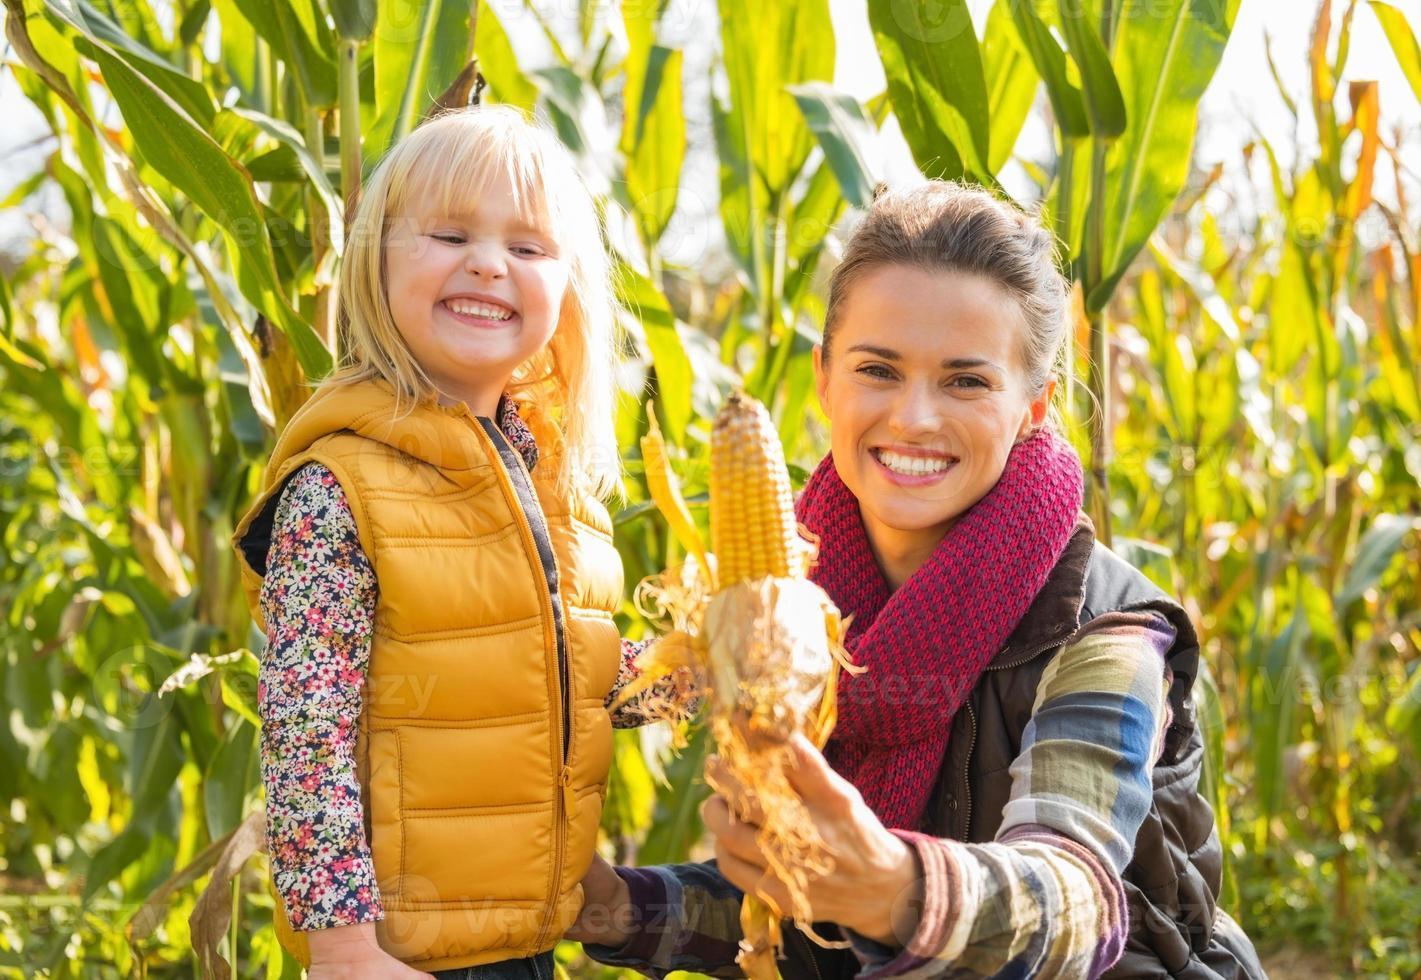 feliz madre e hijo mostrando maíz mientras en maizal foto